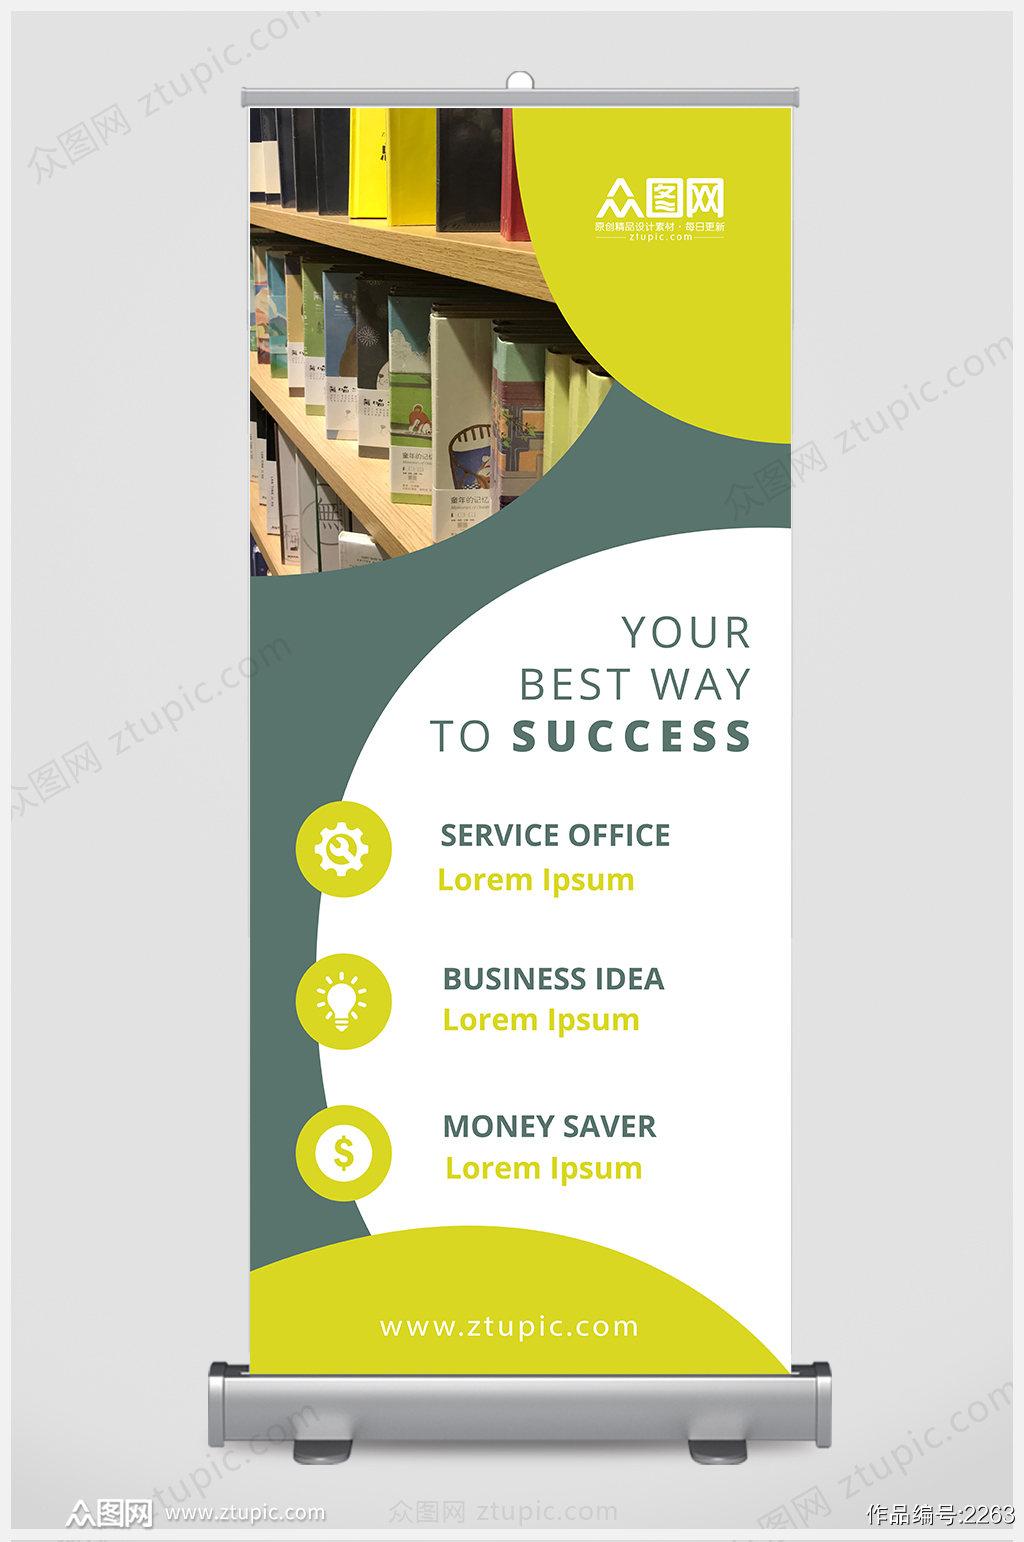 绿色清新健康绿色食品宣传易拉宝展架设计素材